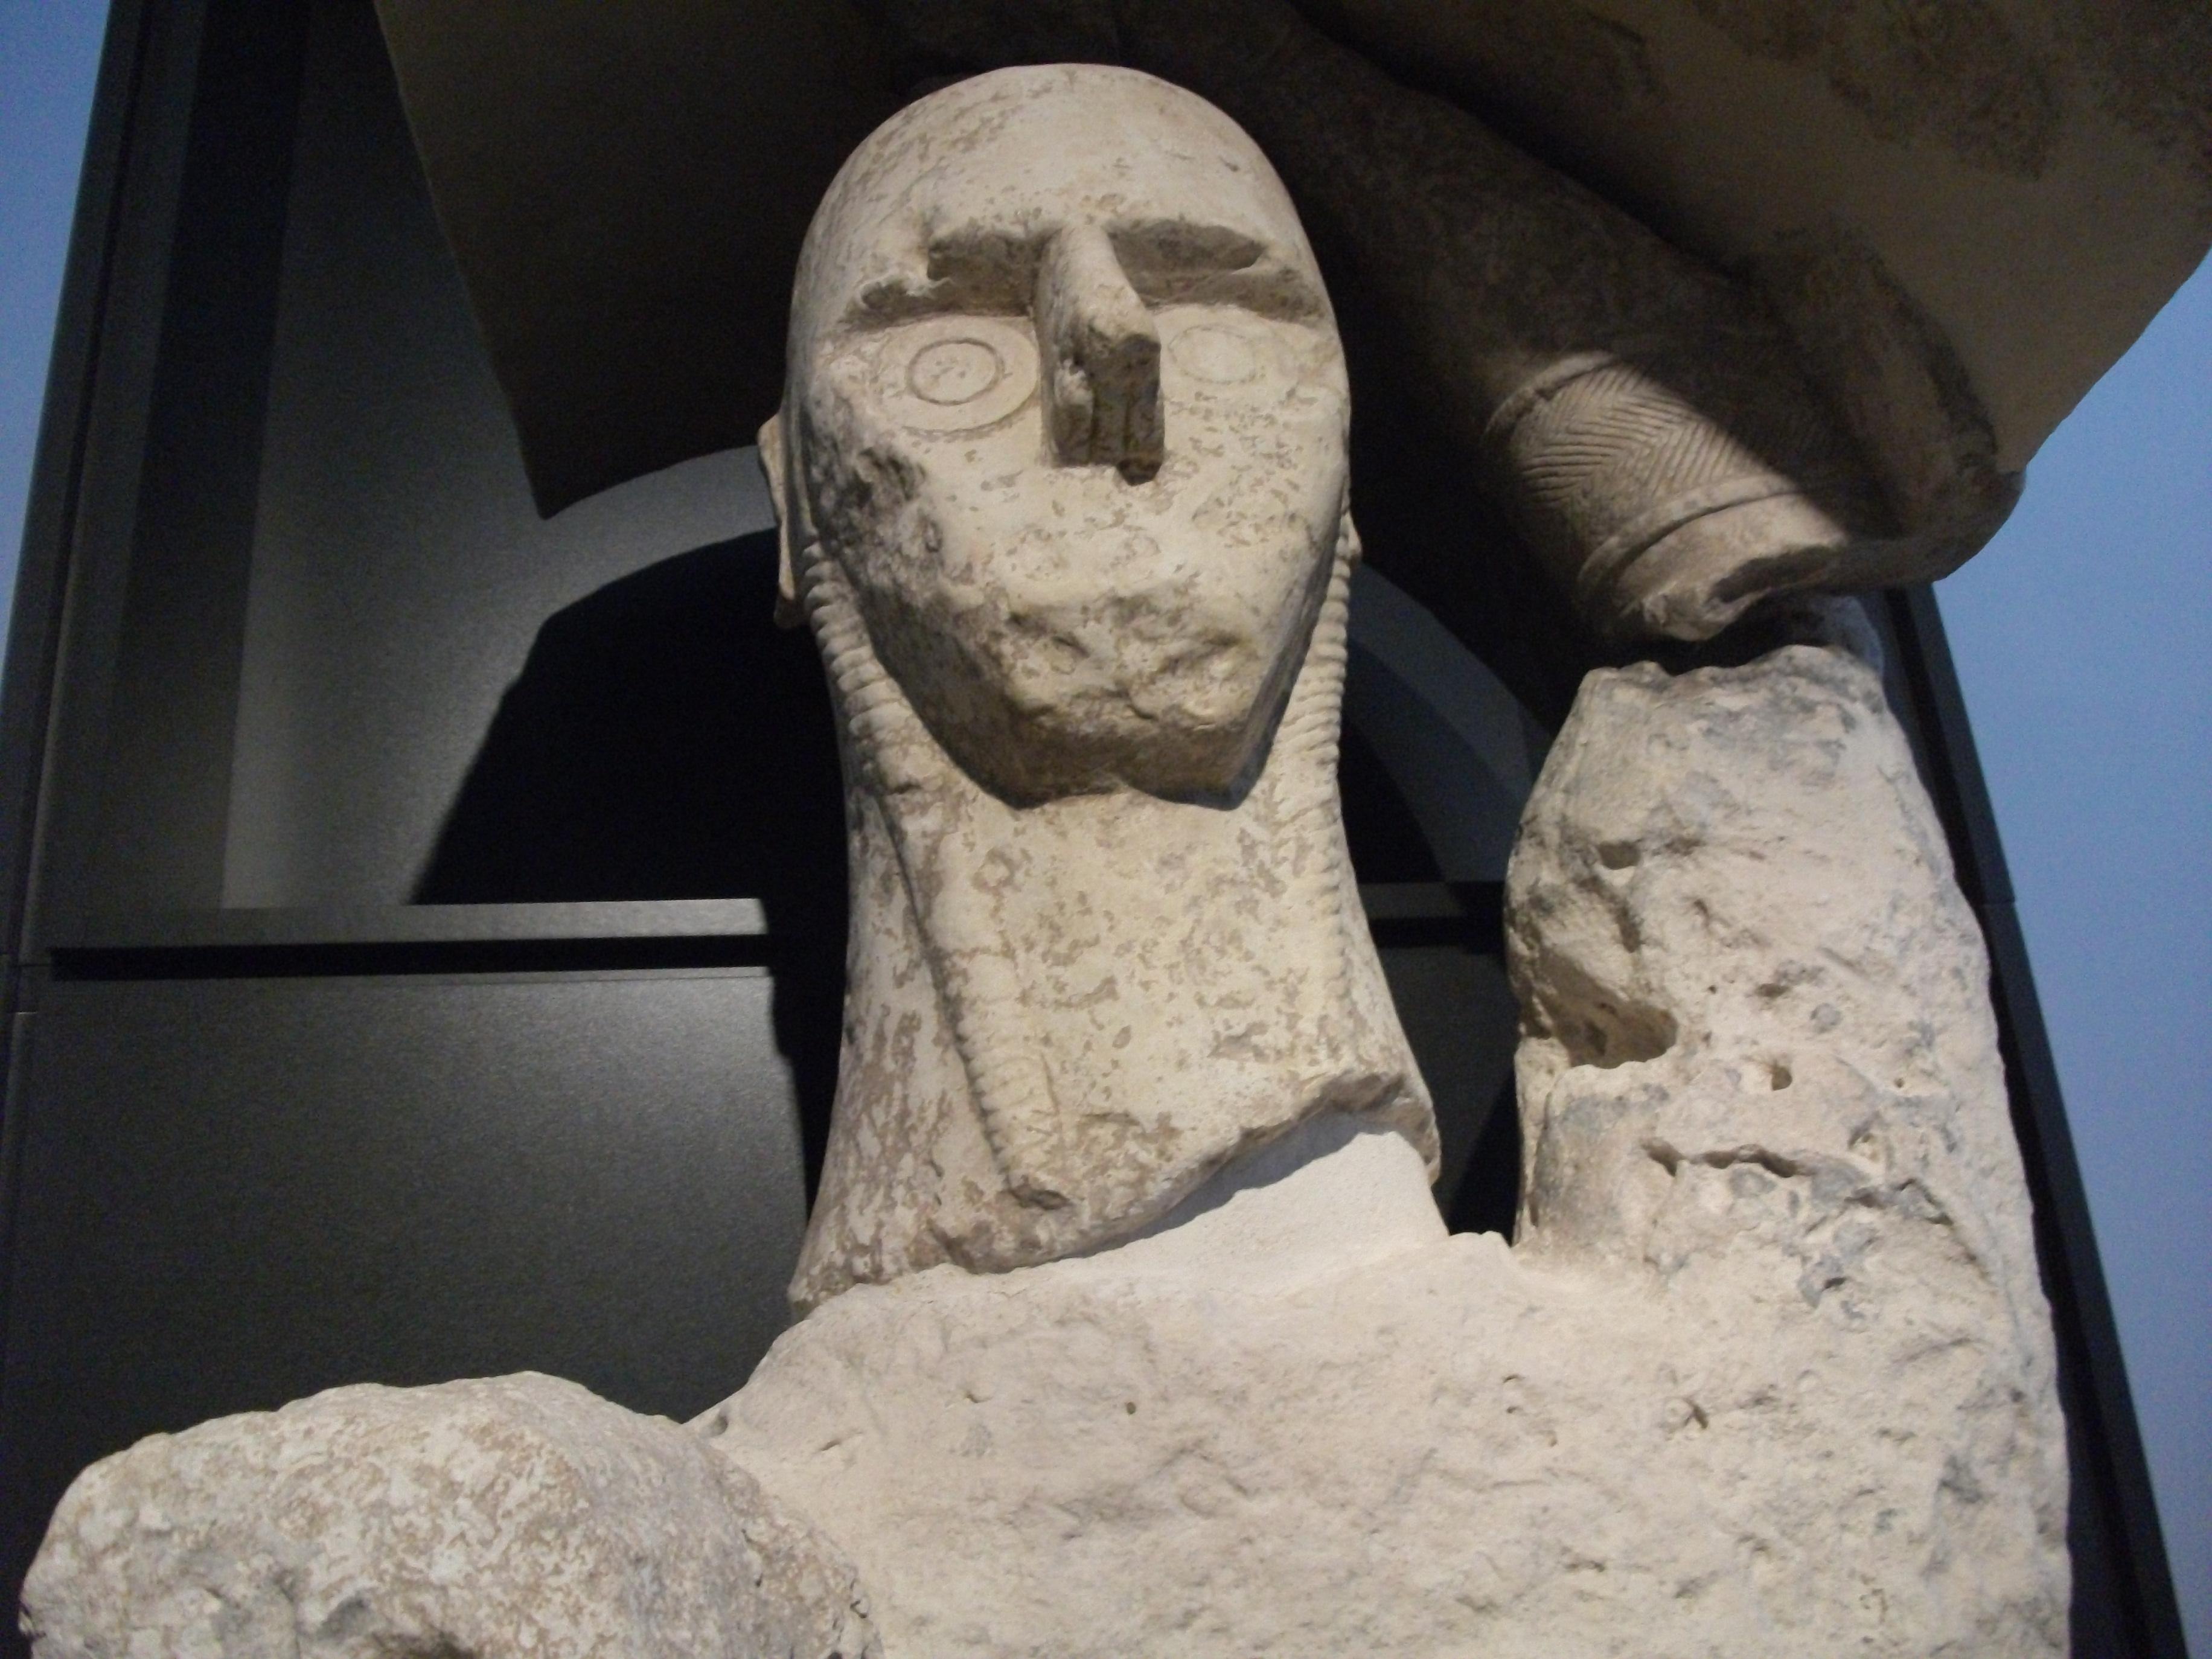 Giganti di Mont'e Prama - Museo Archeologico Nazionale